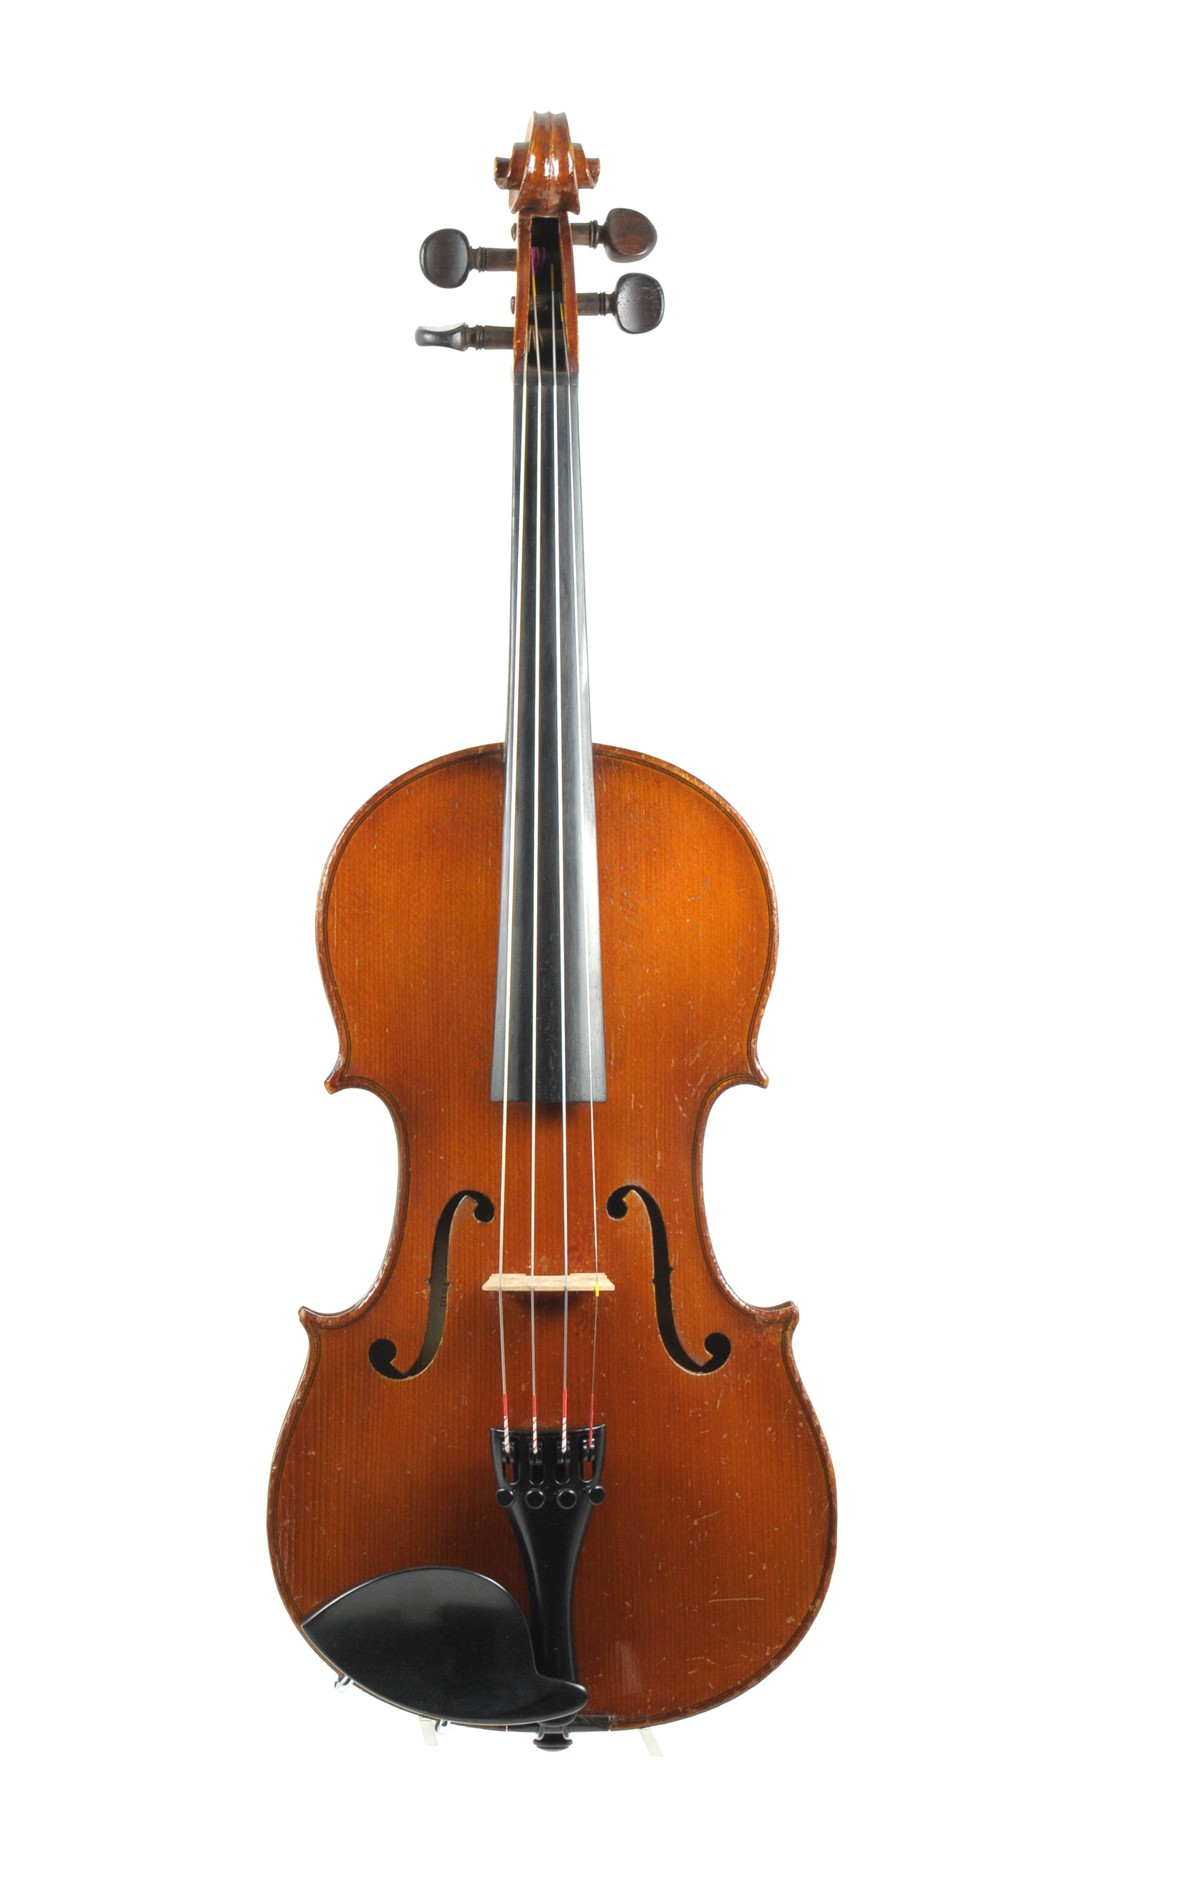 Nicolas Bertholini  3/4 violin, Laberte-Humbert approx. 1920 - front view